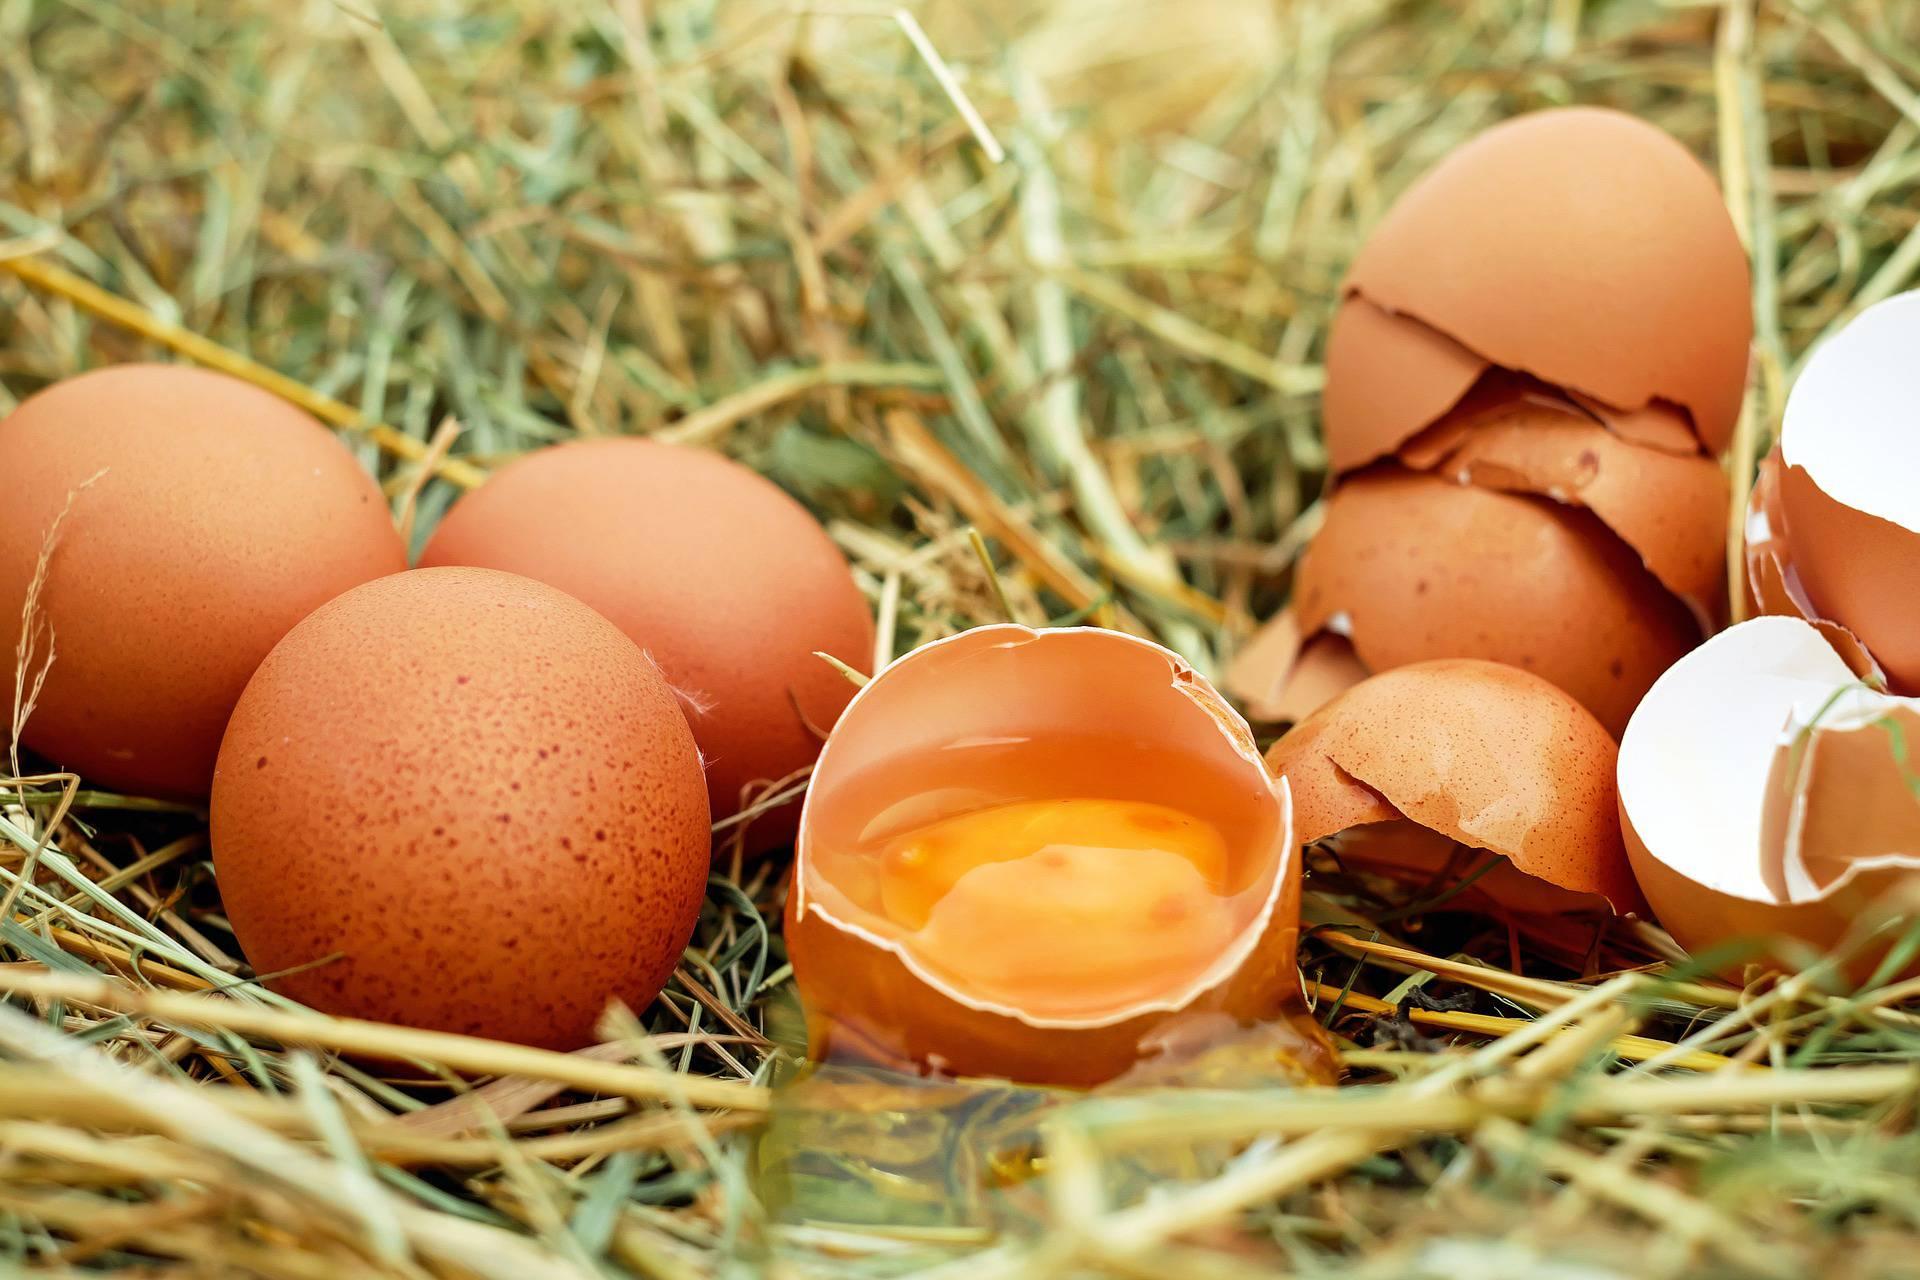 Prevencija salmonele: Evo kako kupiti, čuvati i pripremati jaja